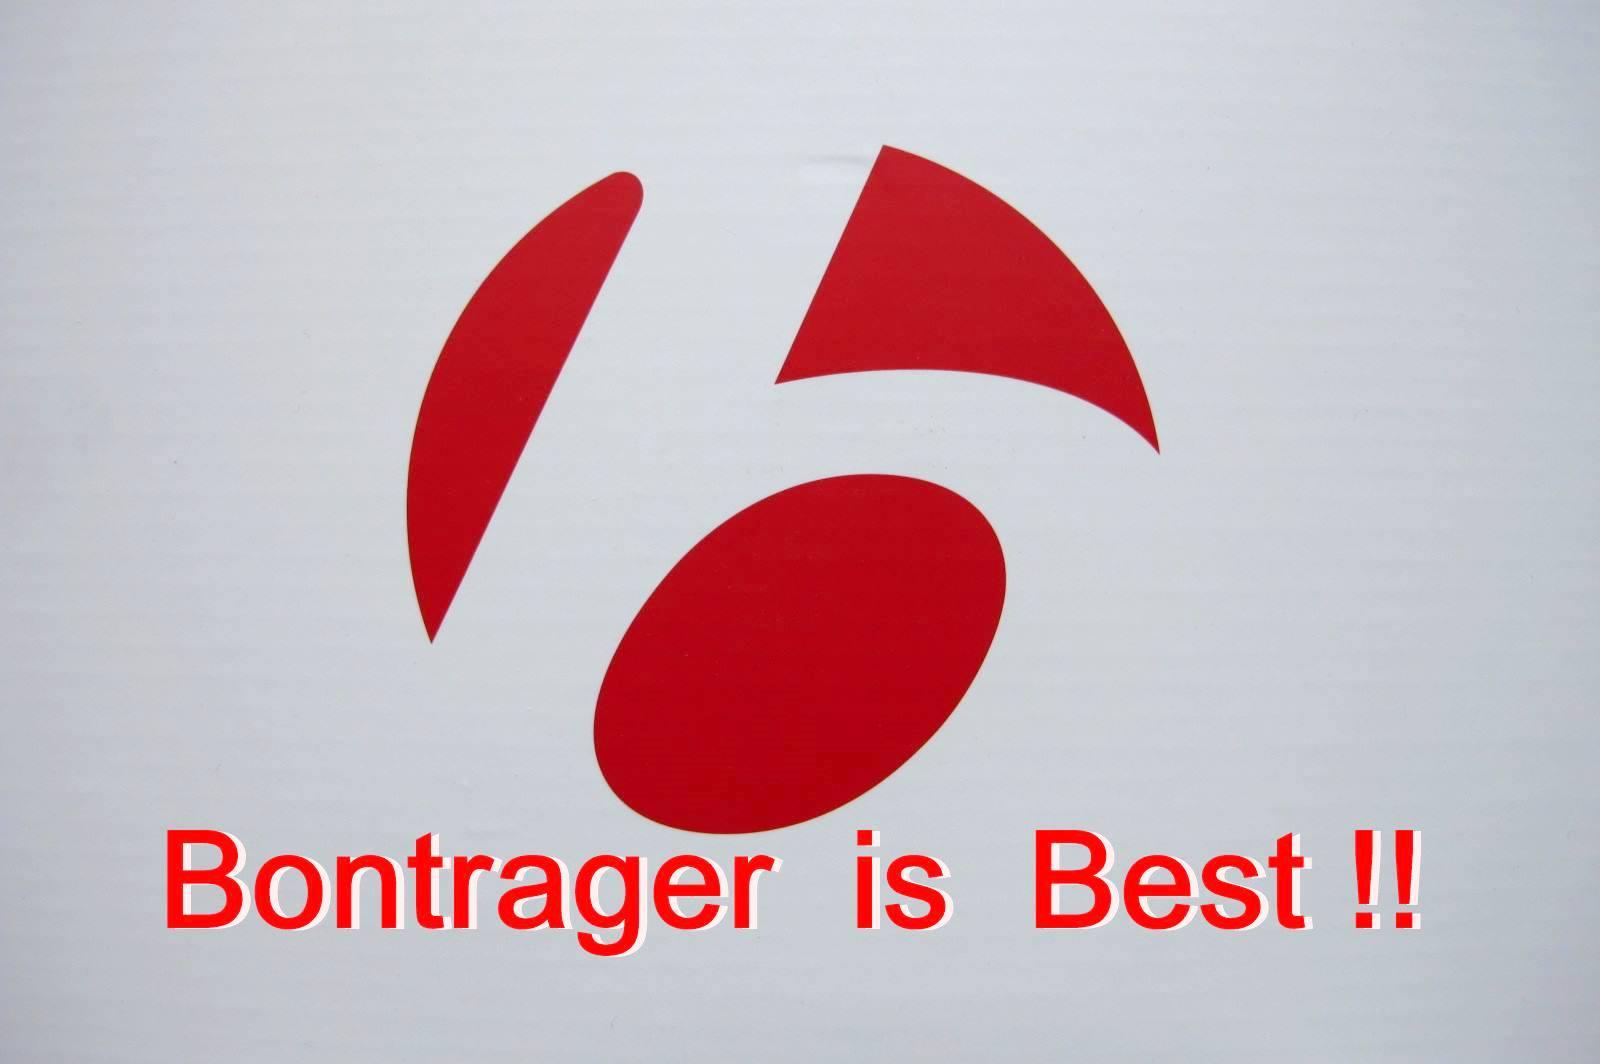 私たちがBontrager(ボントレガー)商品をオススメする3つの理由 (保証編)|兵庫 宝塚